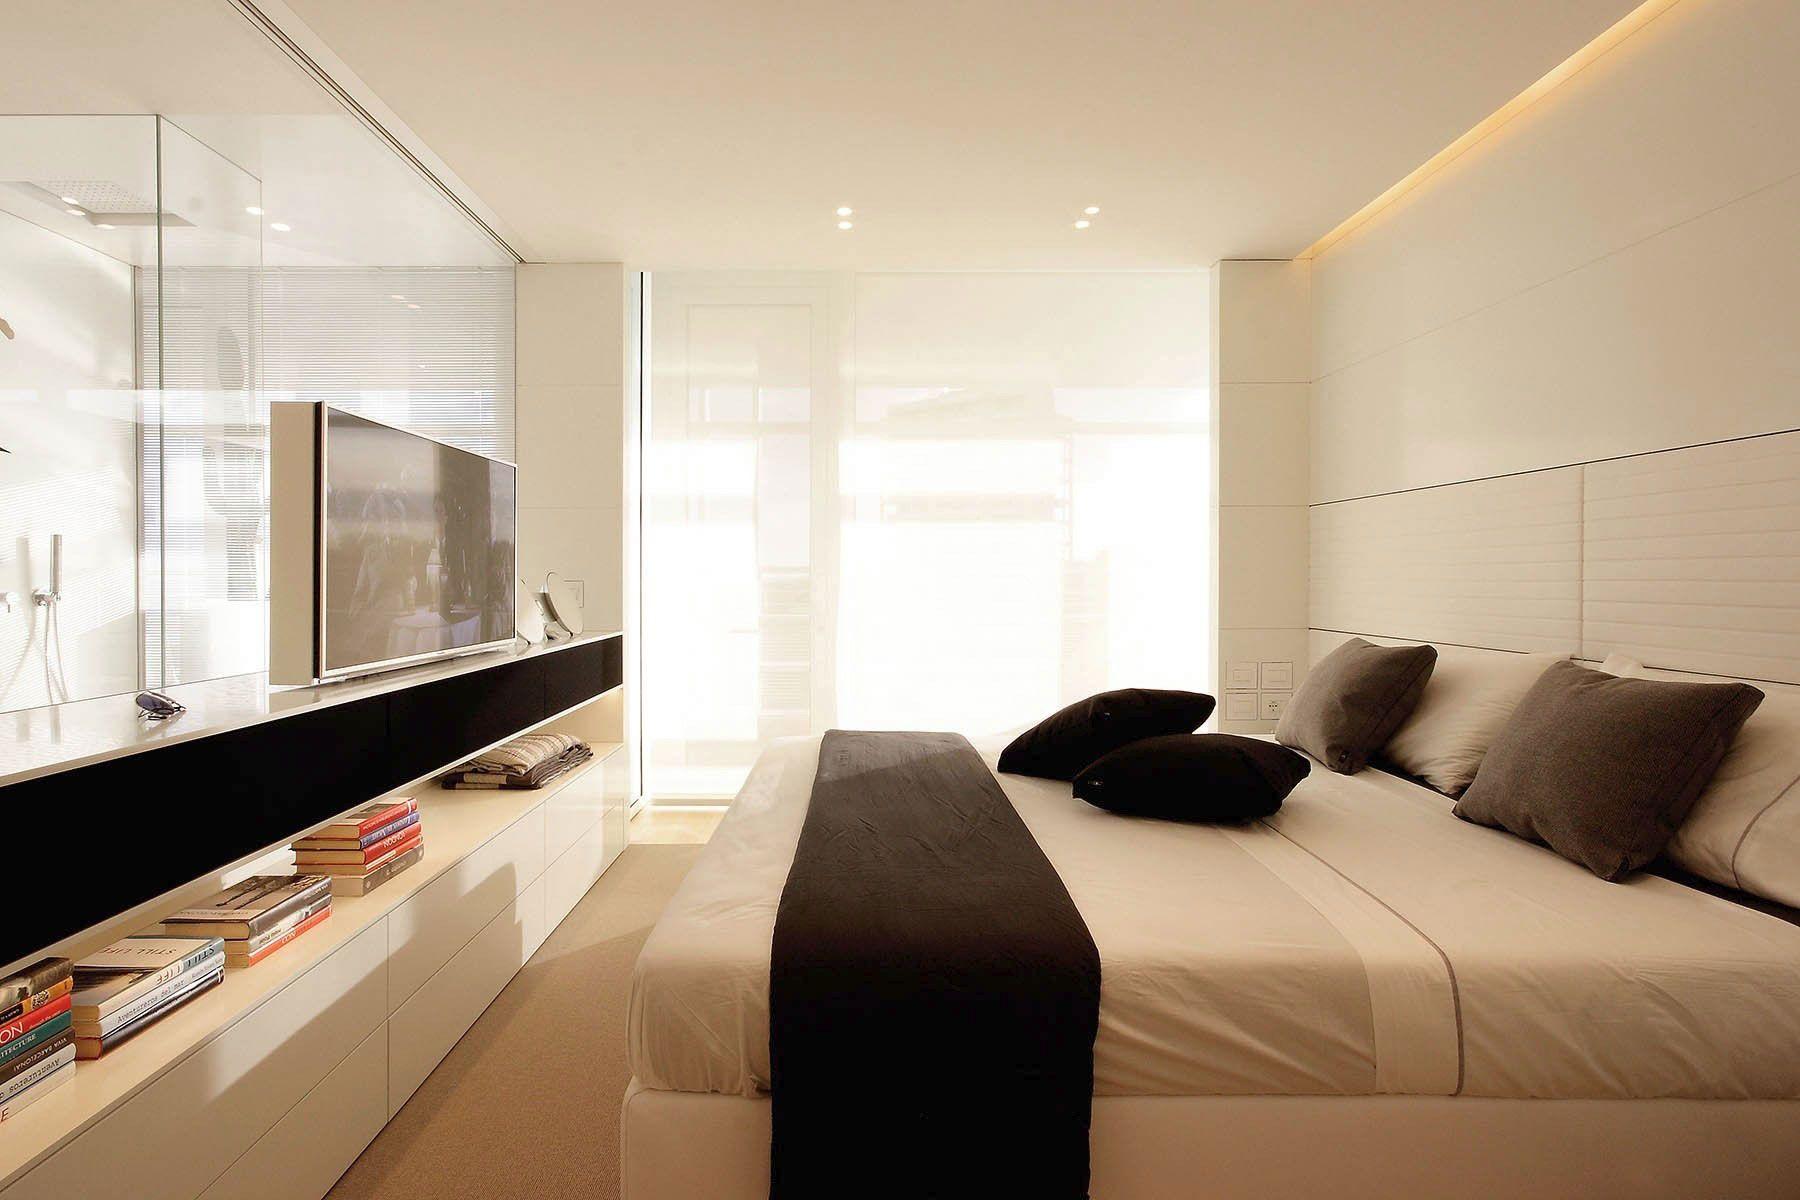 Plano de departamento peque o de dos dormitorios descubre - Disenos de dormitorios ...